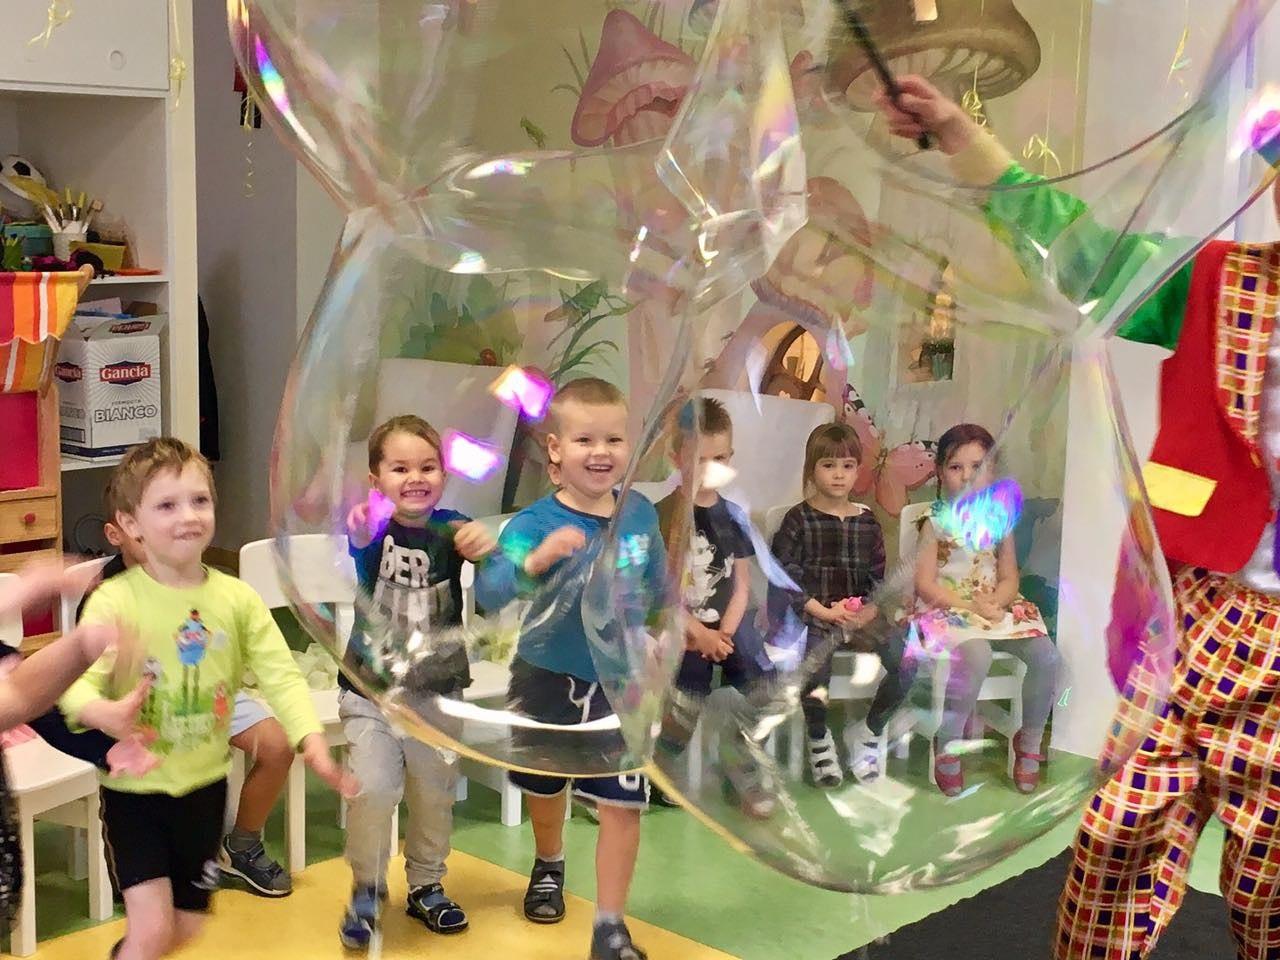 шоу мыльных пузырей в калининграде - шоу мыльника - 10